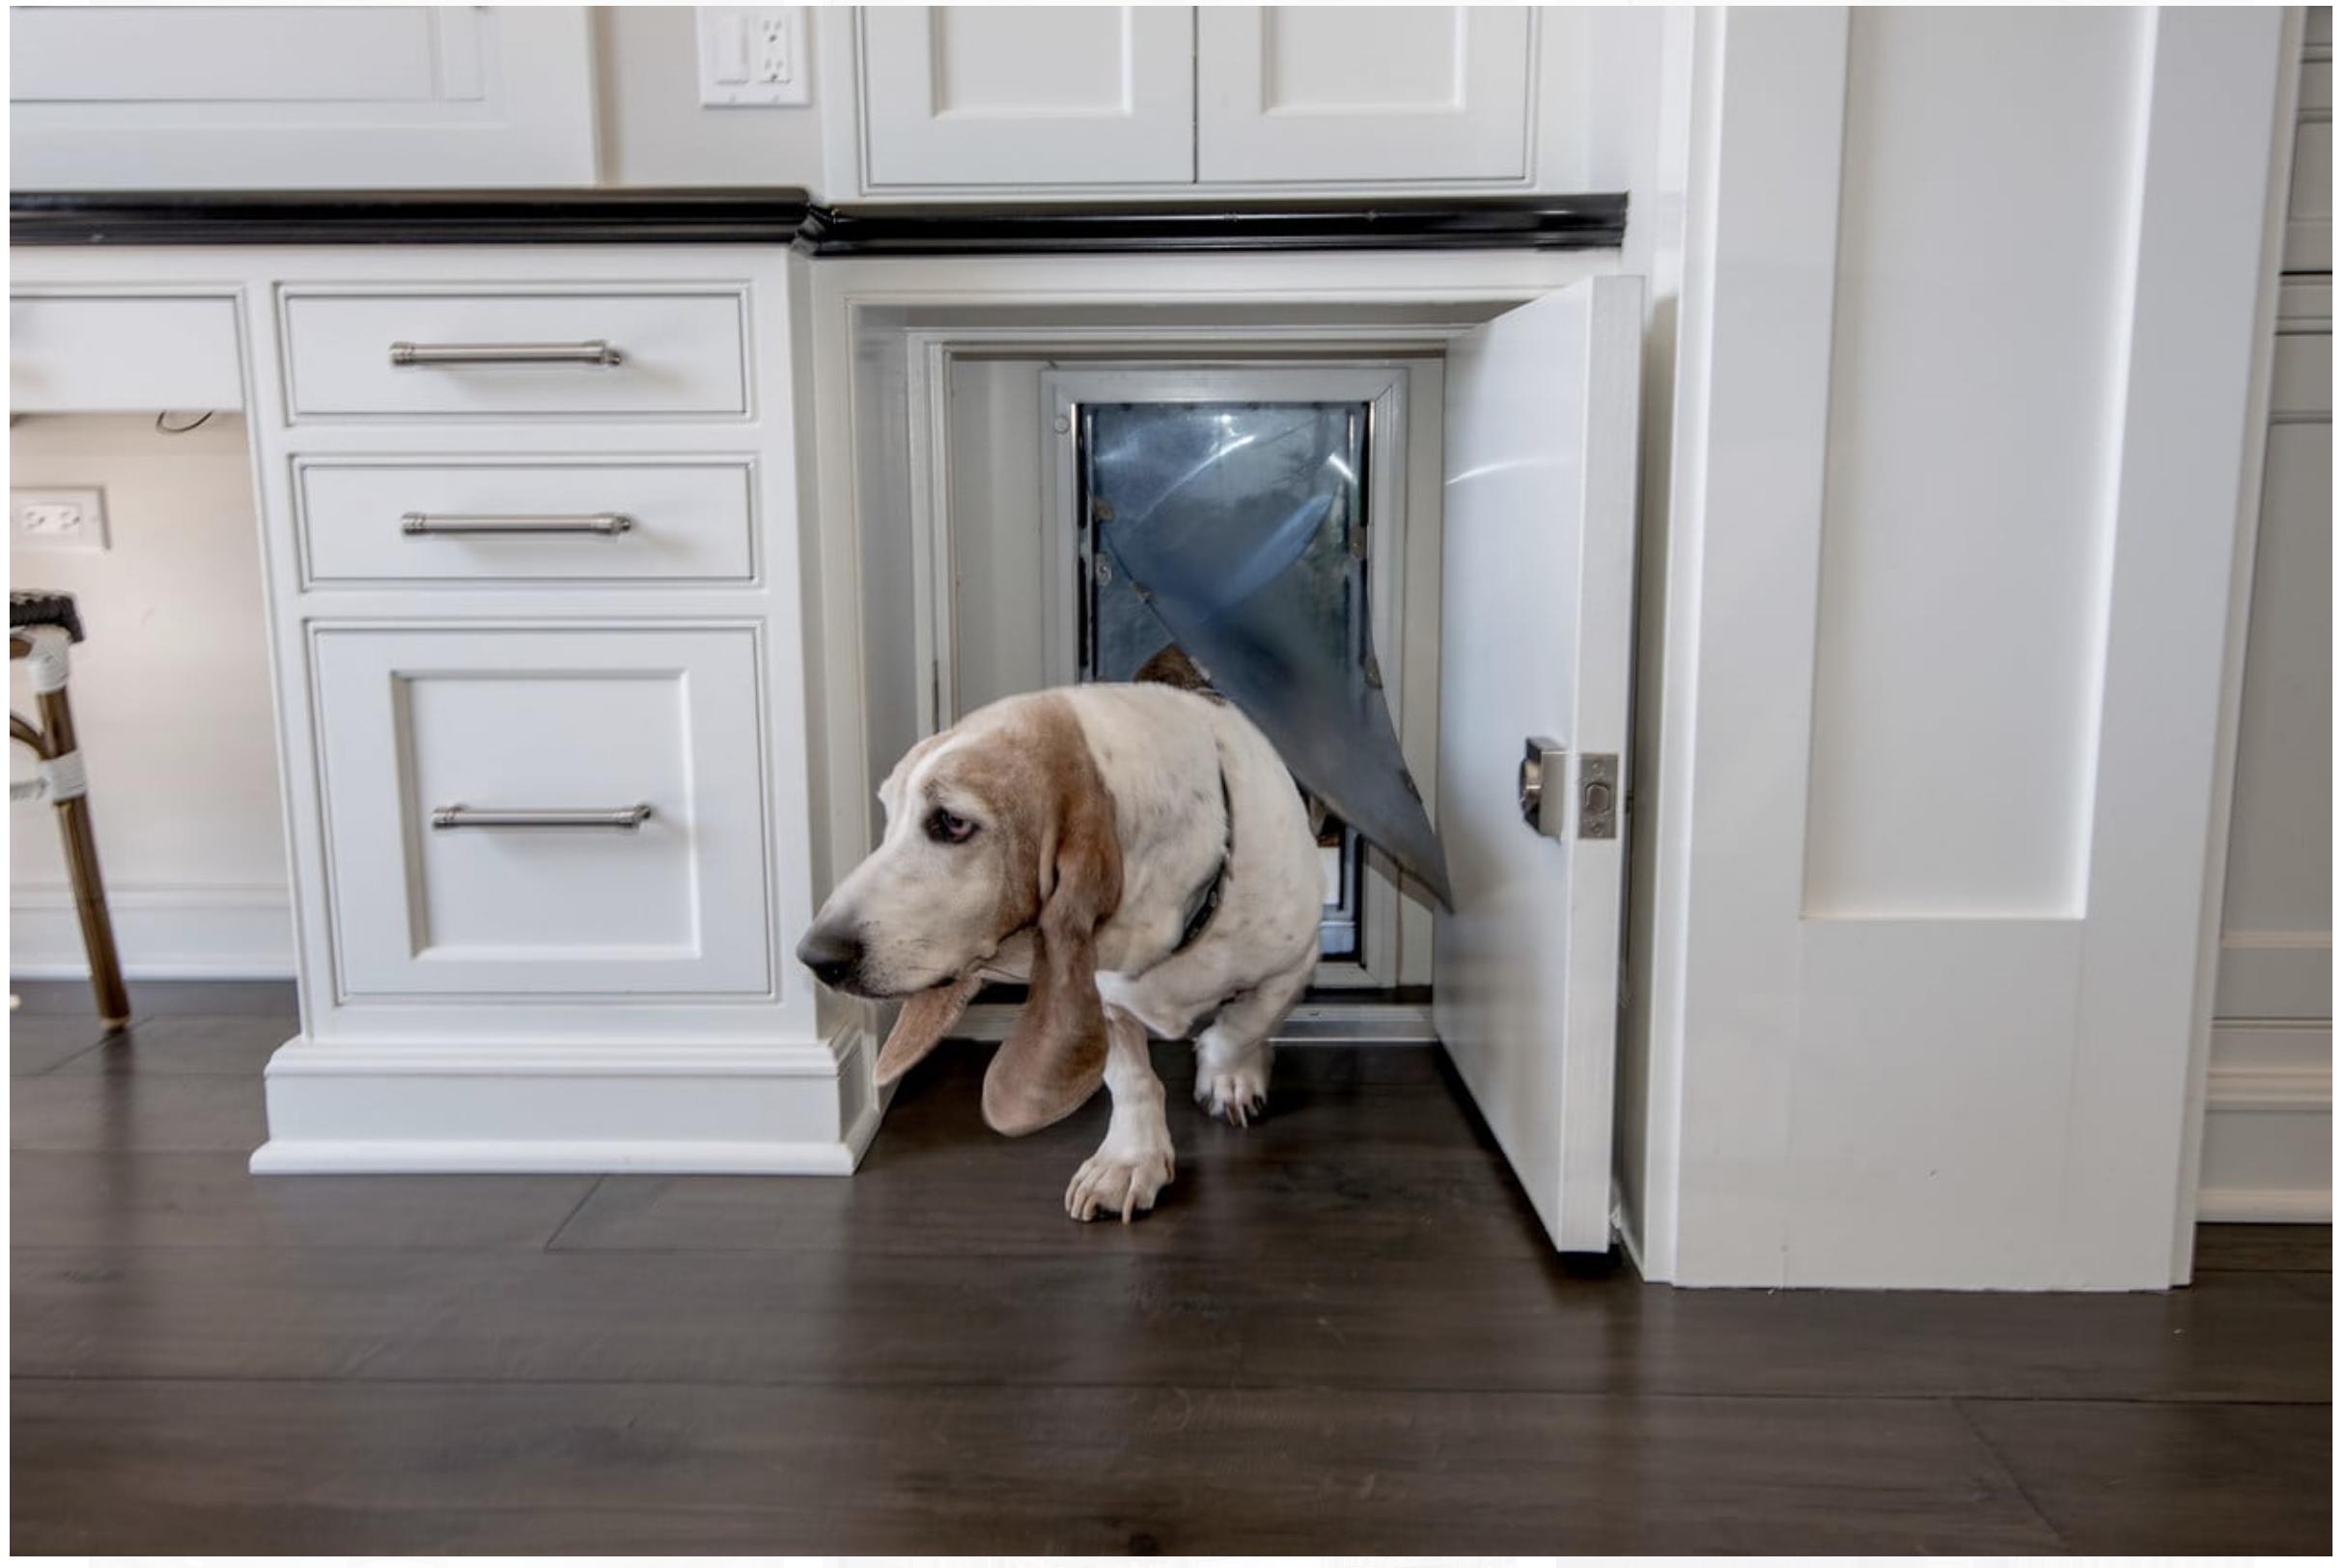 Under The Counter Lockable Dog Door Dog Spaces Dog Houses Dog Door